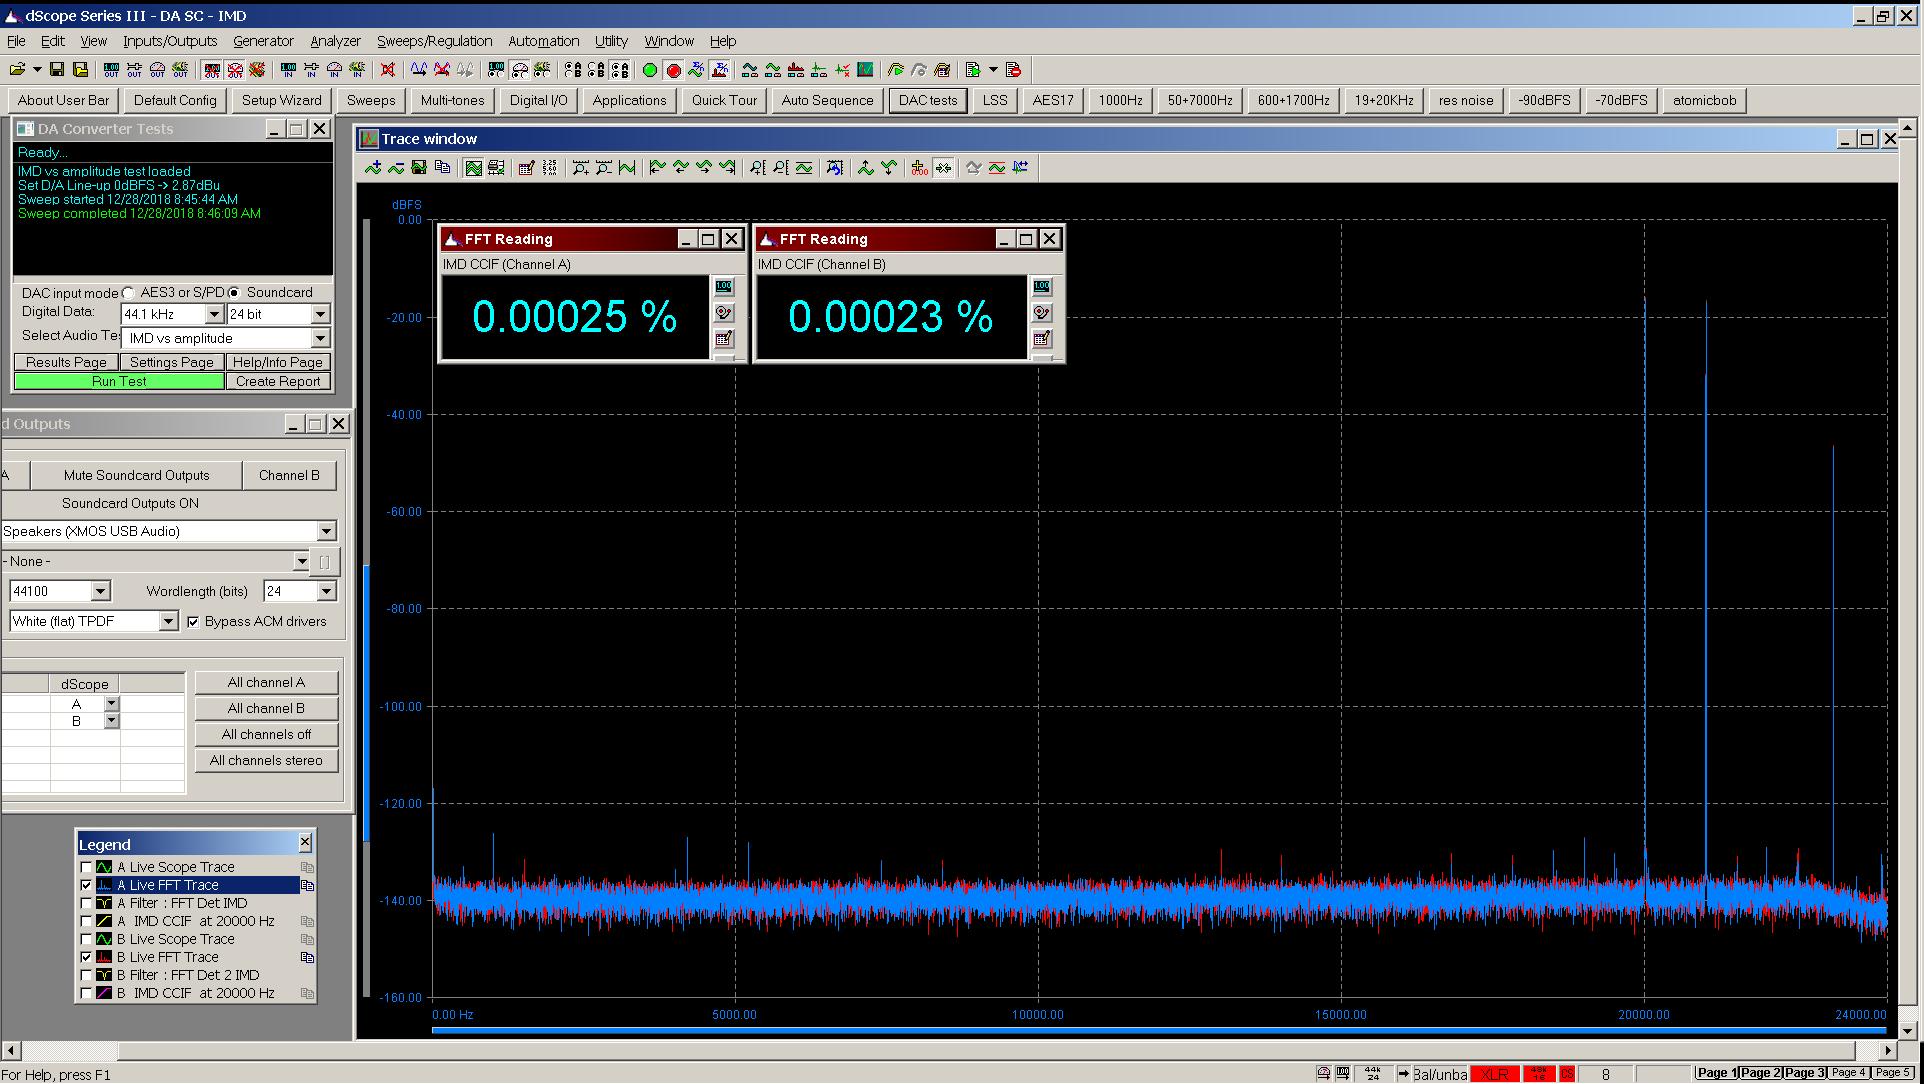 20181227-04 convert2 Bal IMD spectrum - USB.PNG